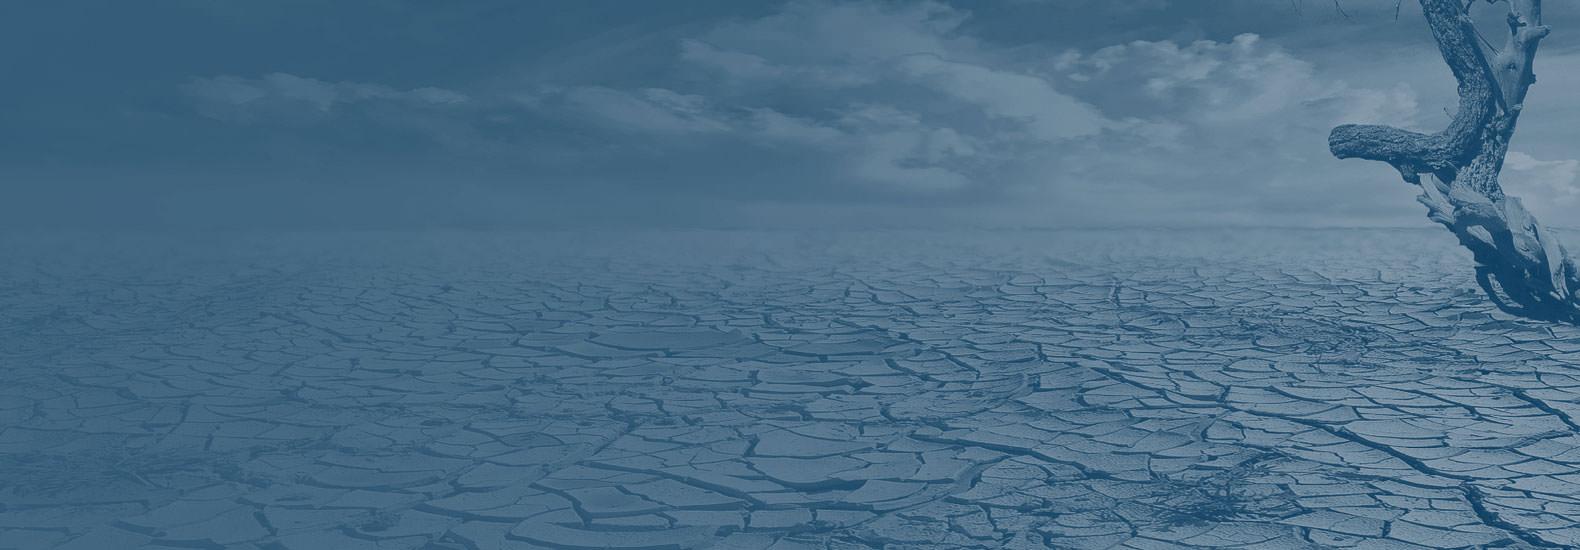 polar bear on ice cap